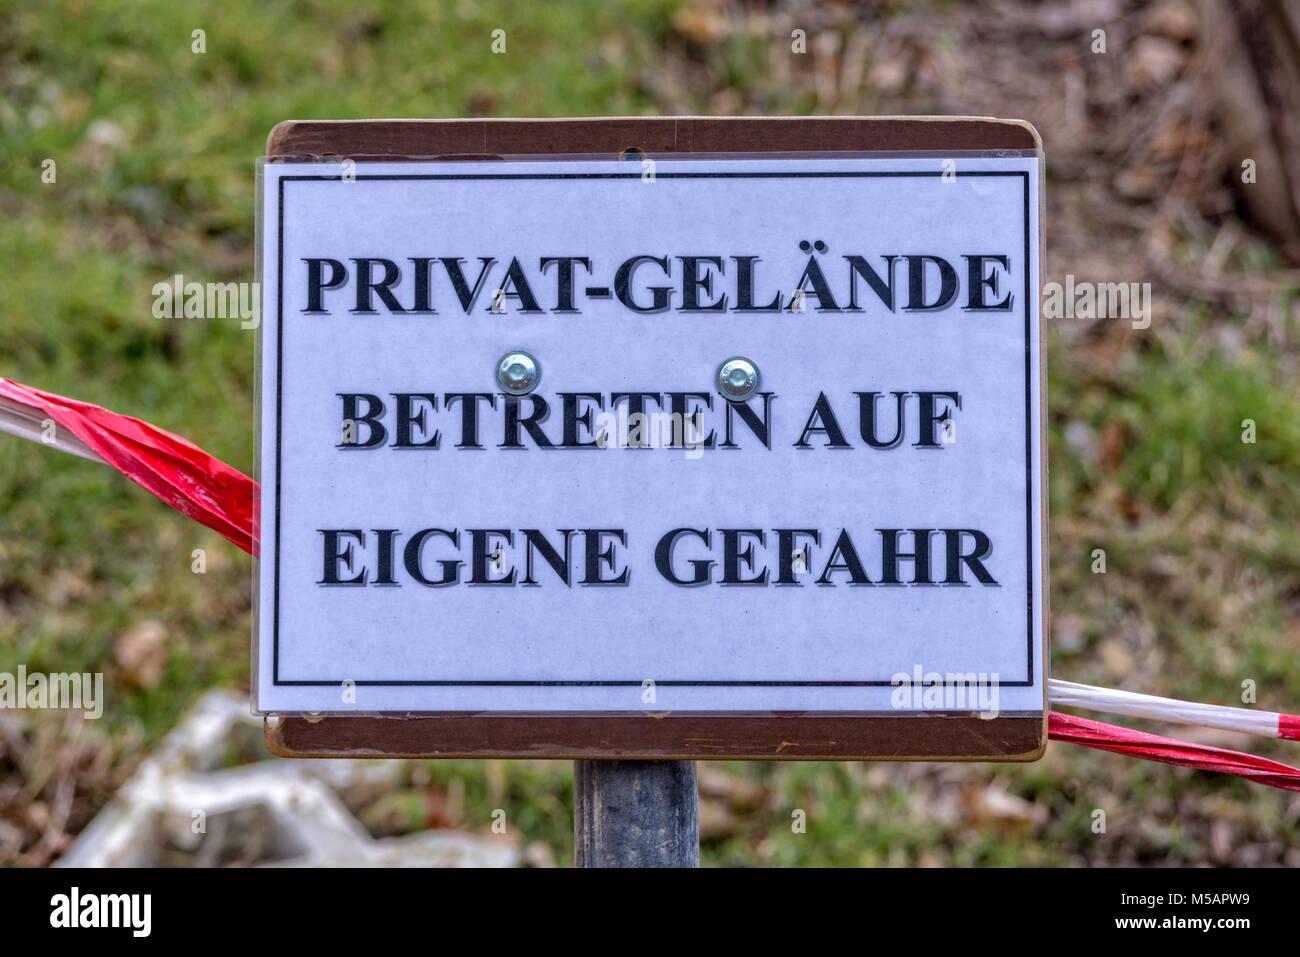 Jardines privados entrar a su propio riesgo Imagen De Stock